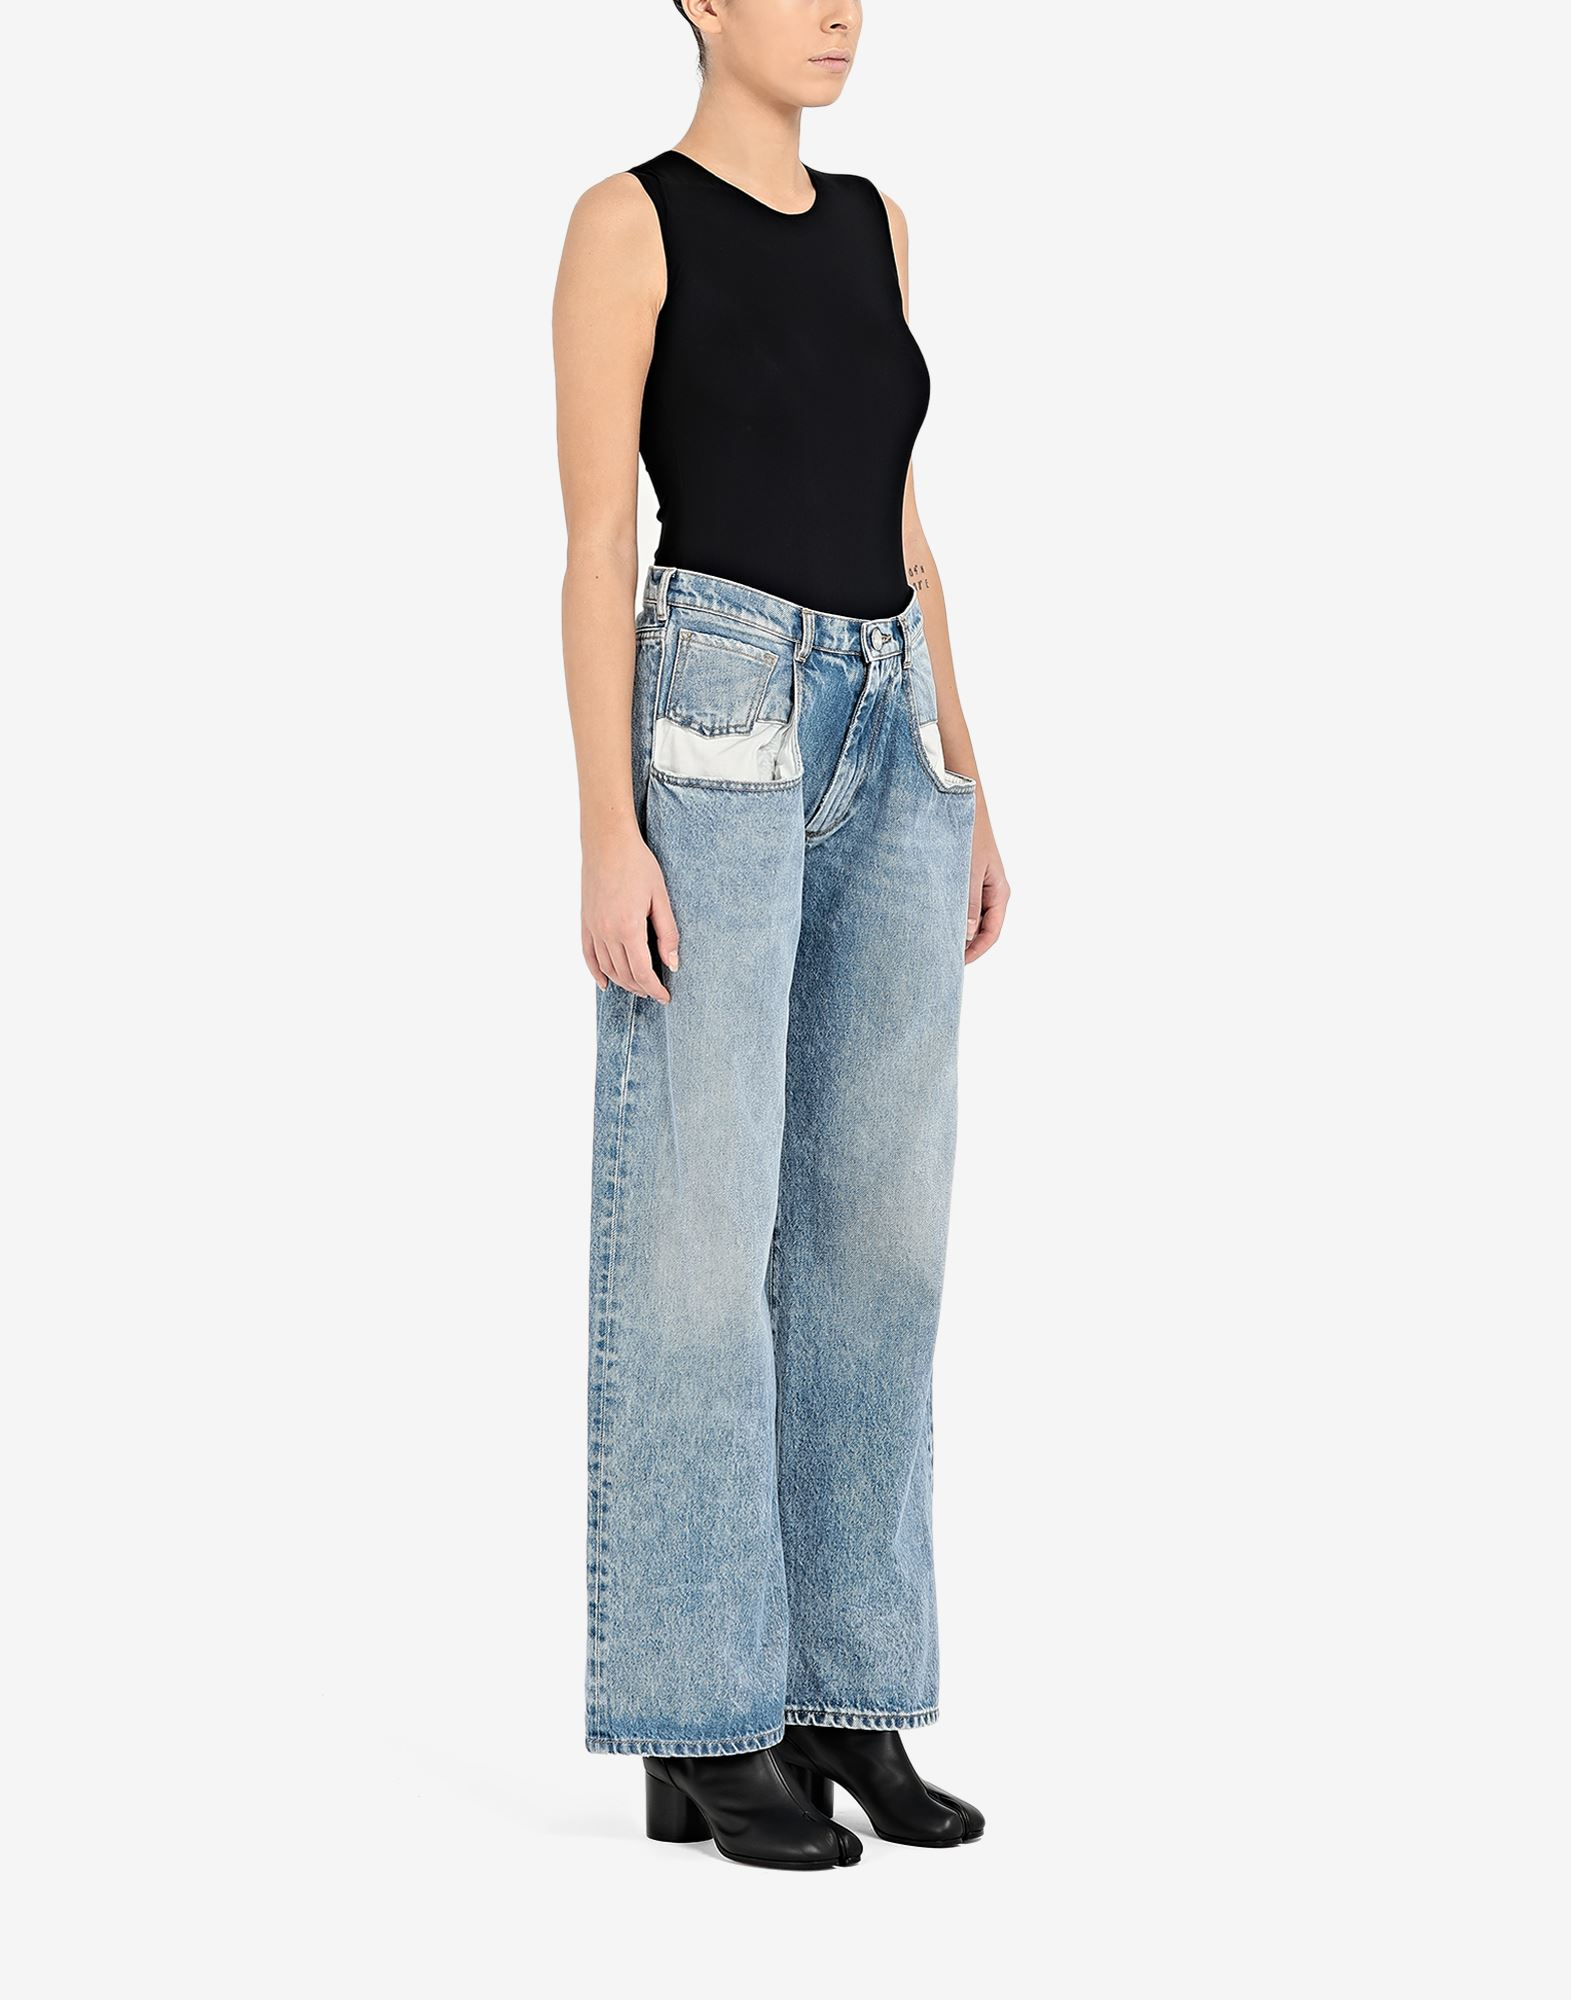 MAISON MARGIELA Vaqueros rectos con bolsillos en contraste Pantalones vaqueros Mujer d